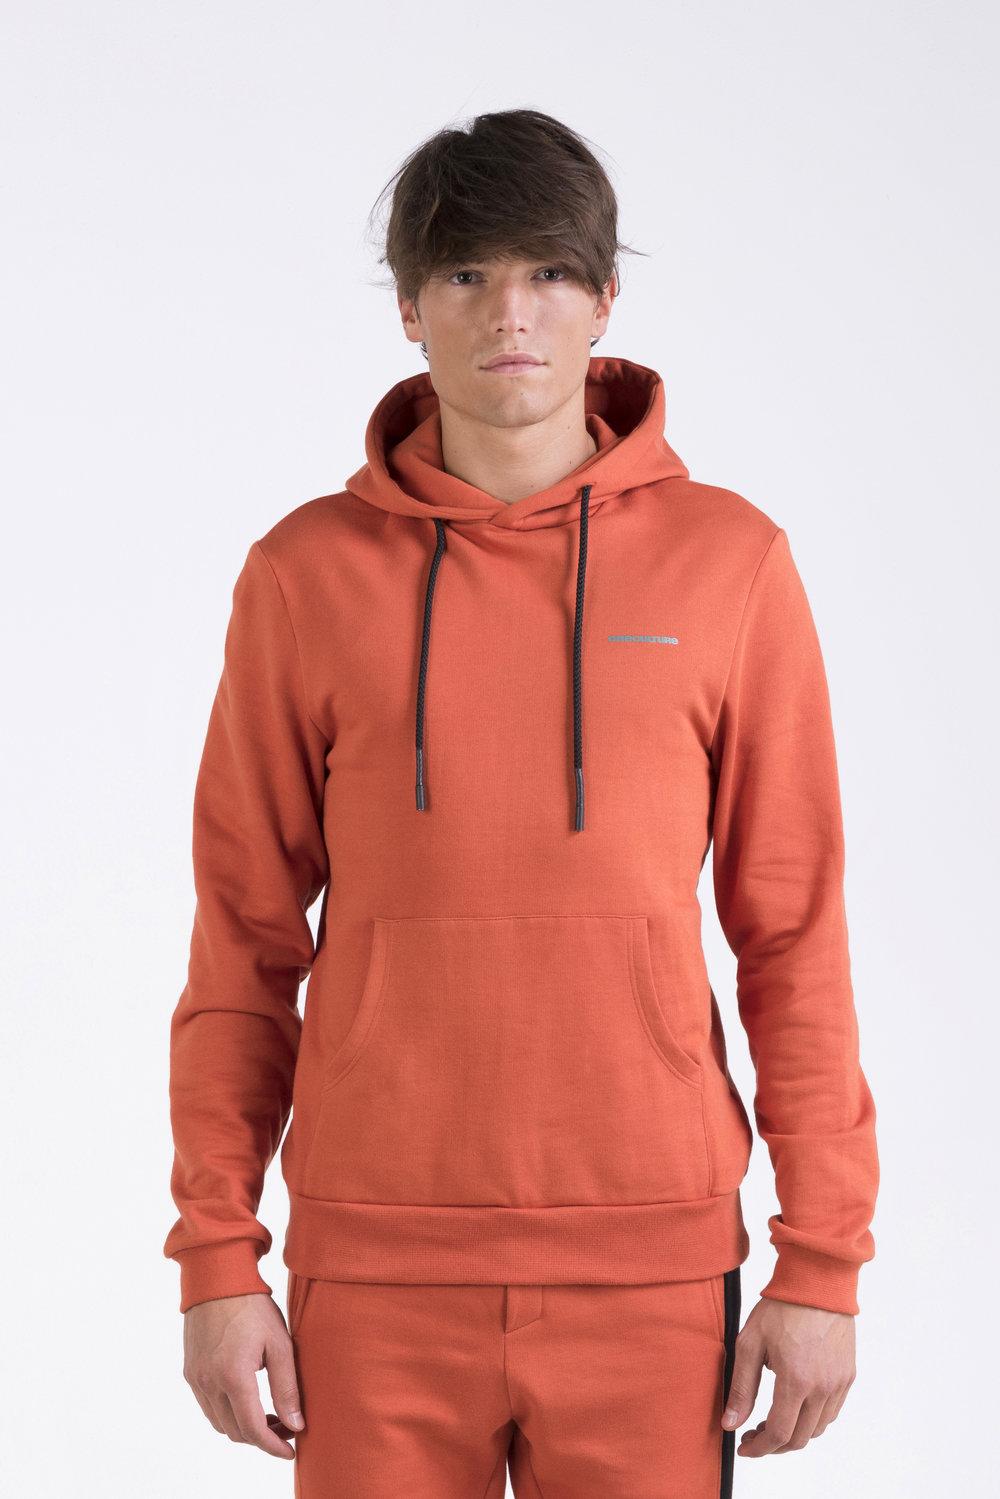 oneculture Hoodie OC orange 2.jpg